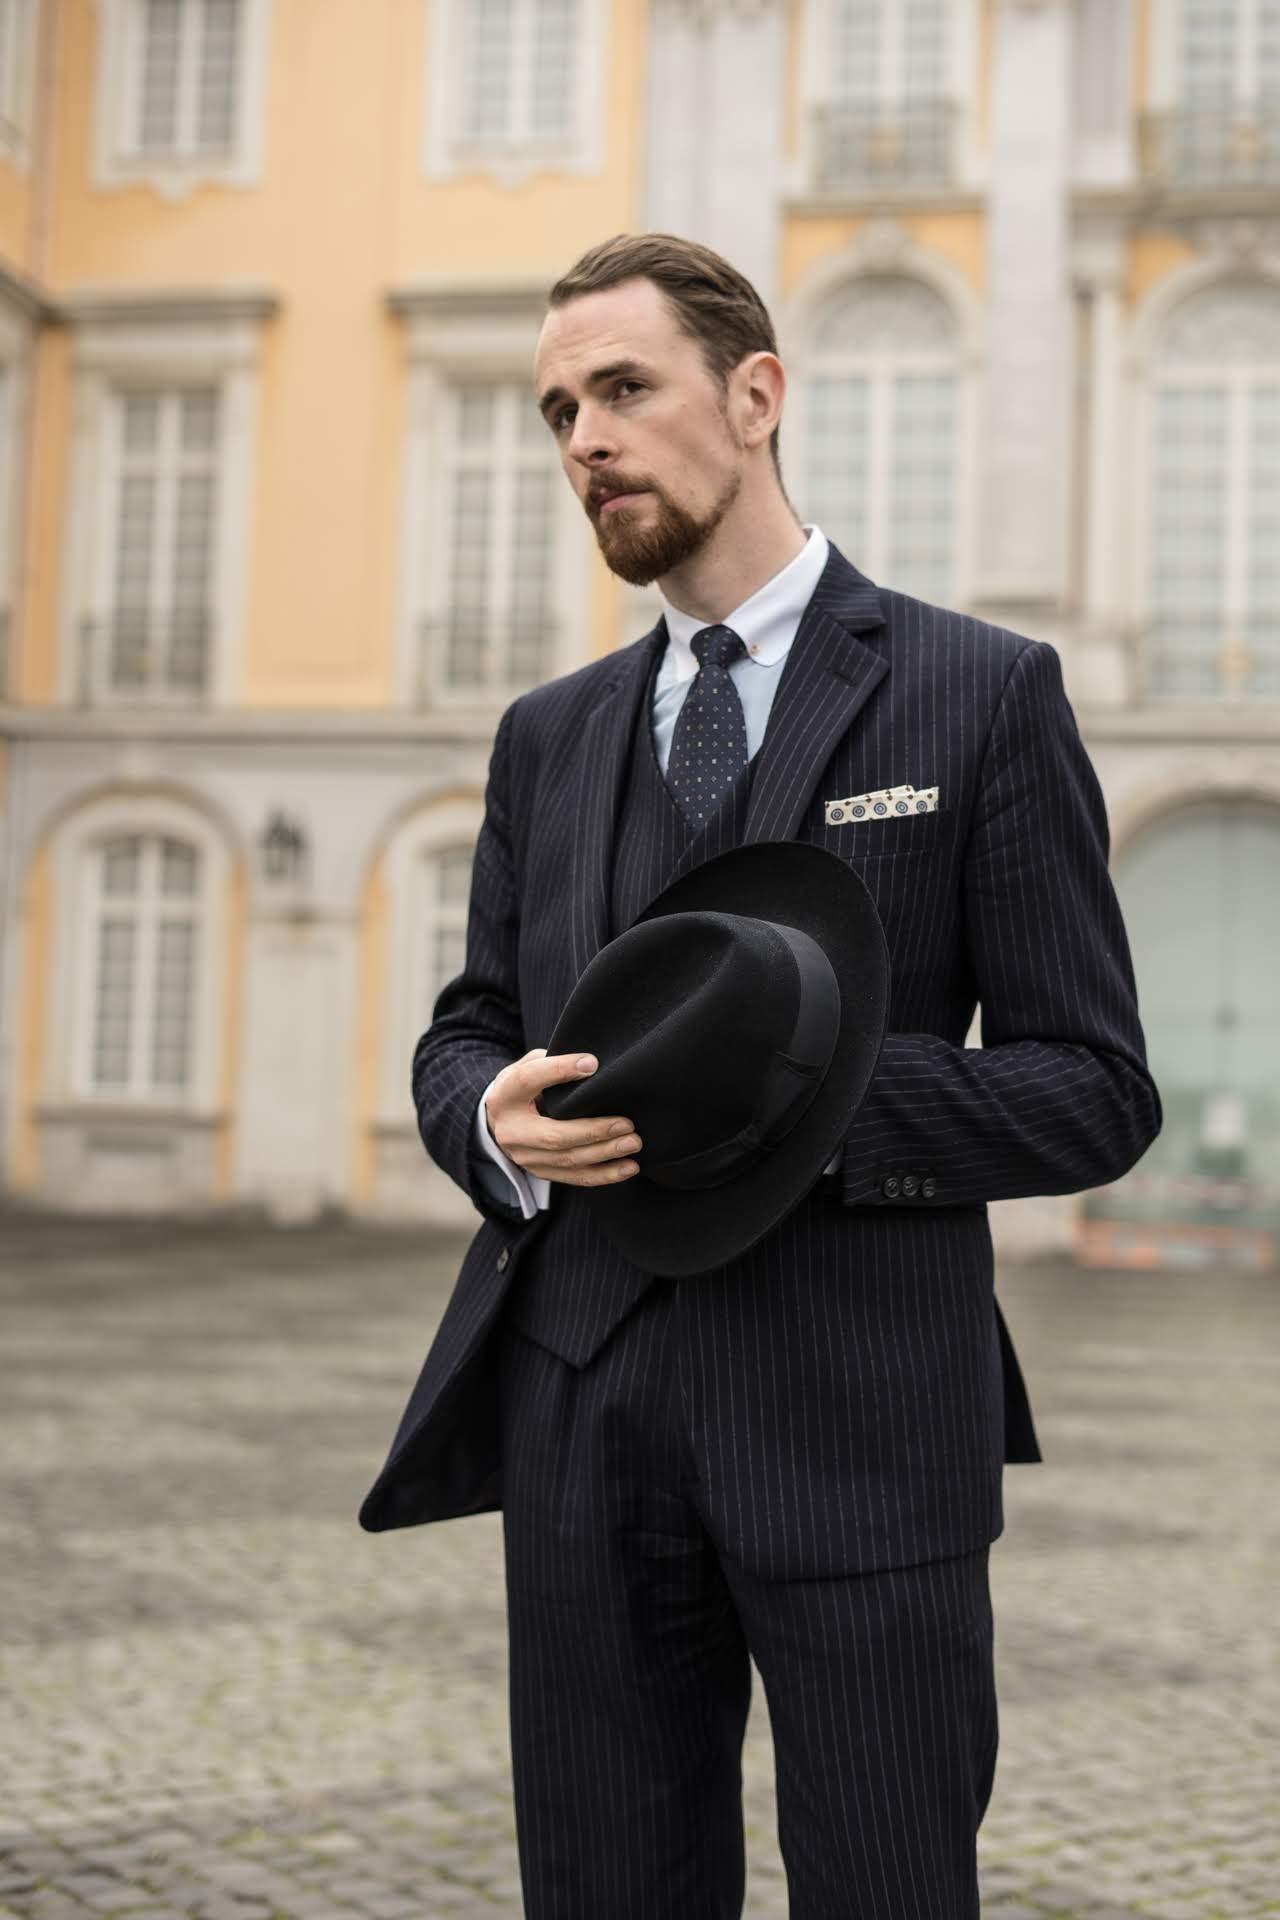 Abiball Manner Dress Like A Man Anzug Manner Mode Outfit